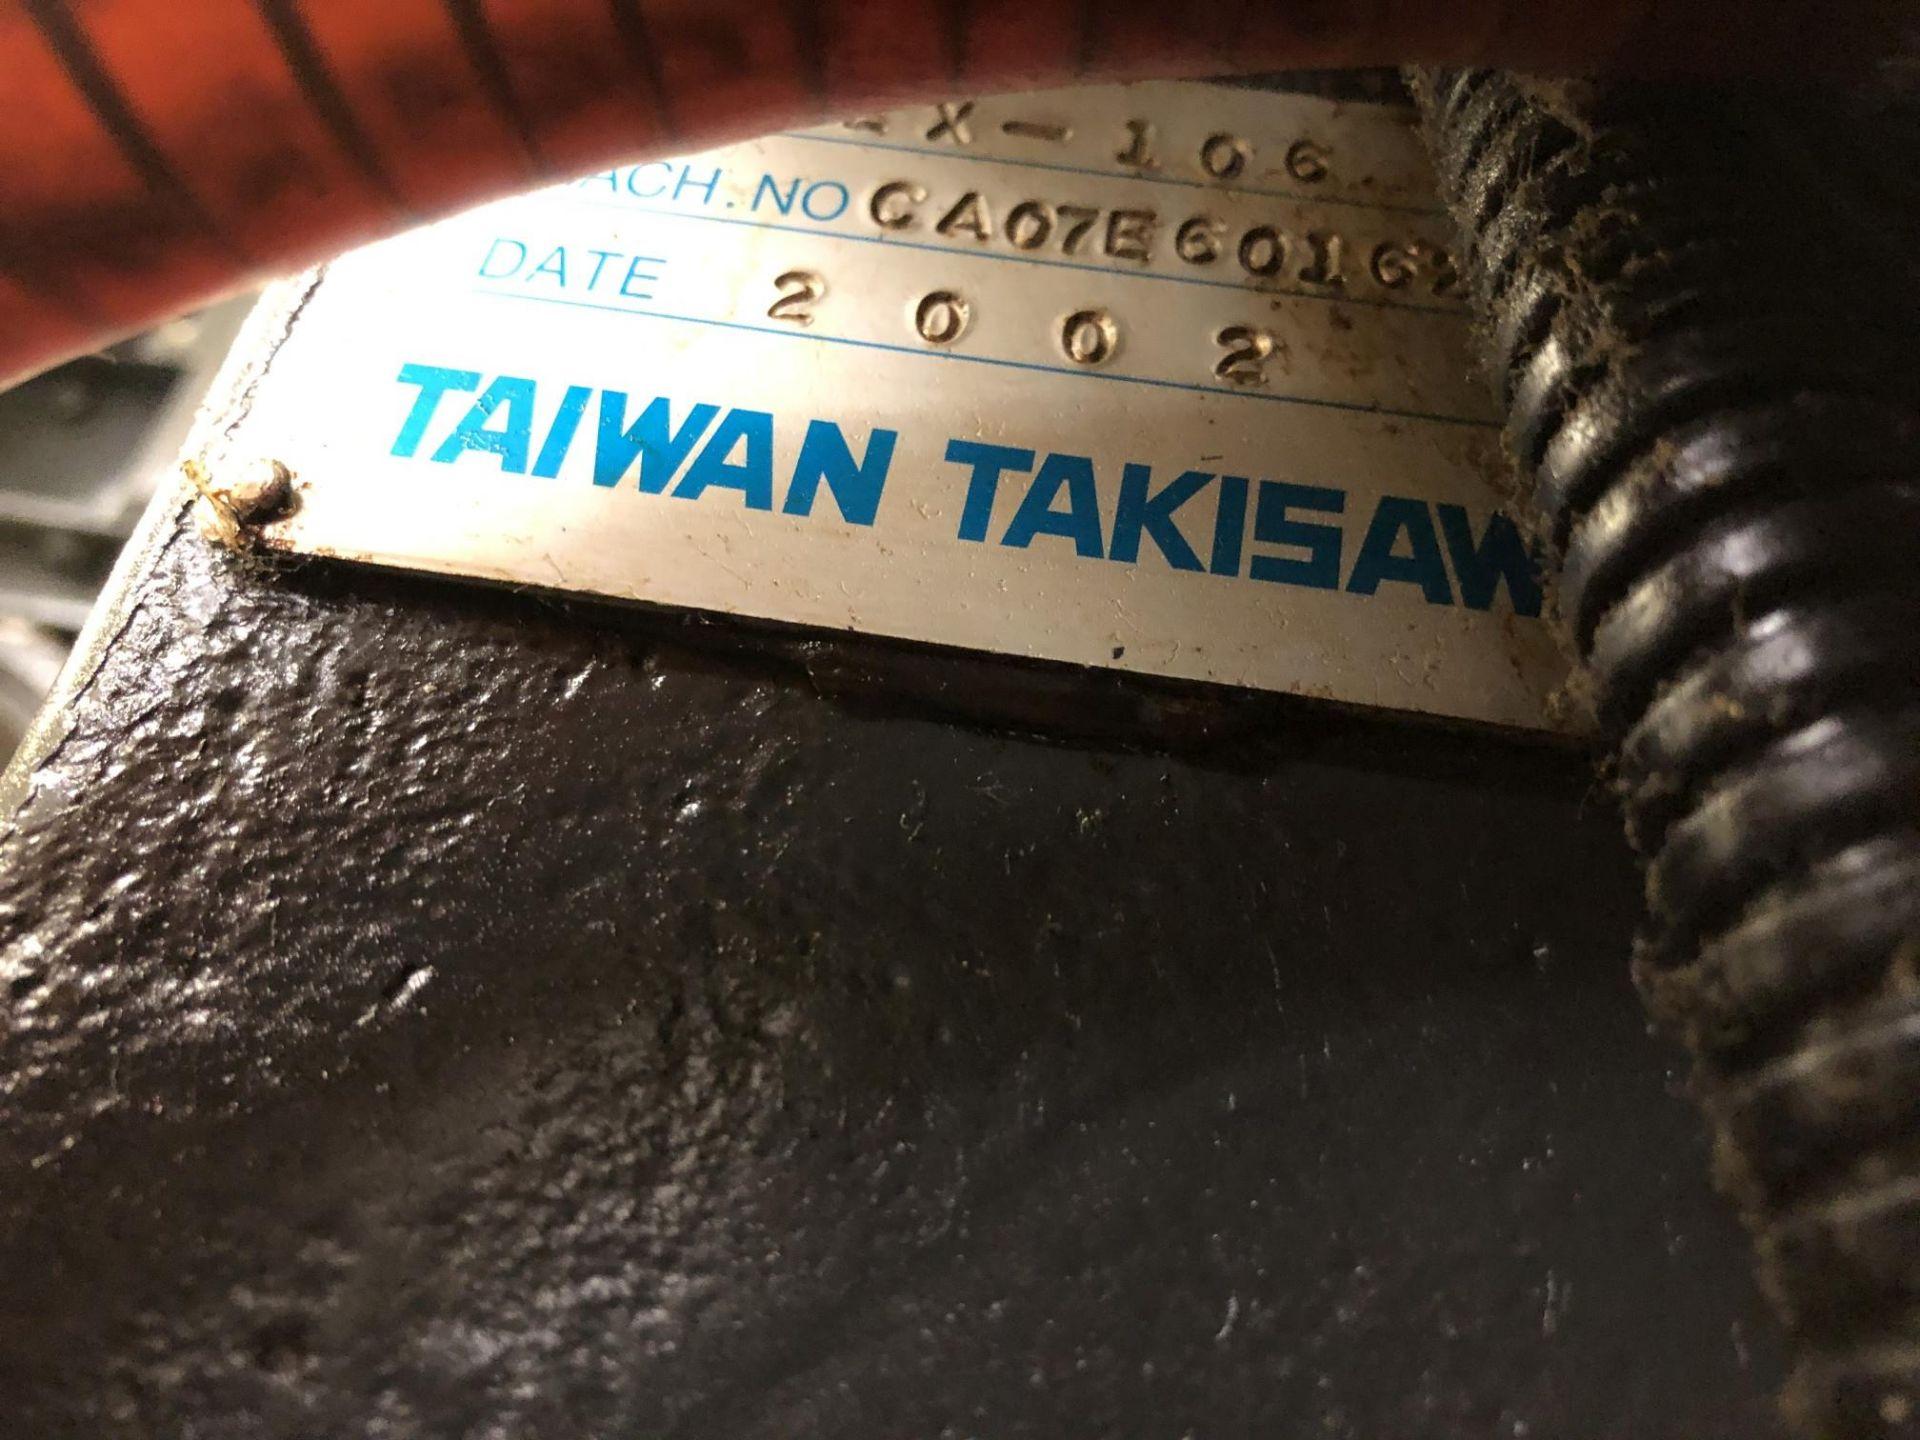 2002 Takisawa EX-106 CNC Lathe - Image 19 of 20